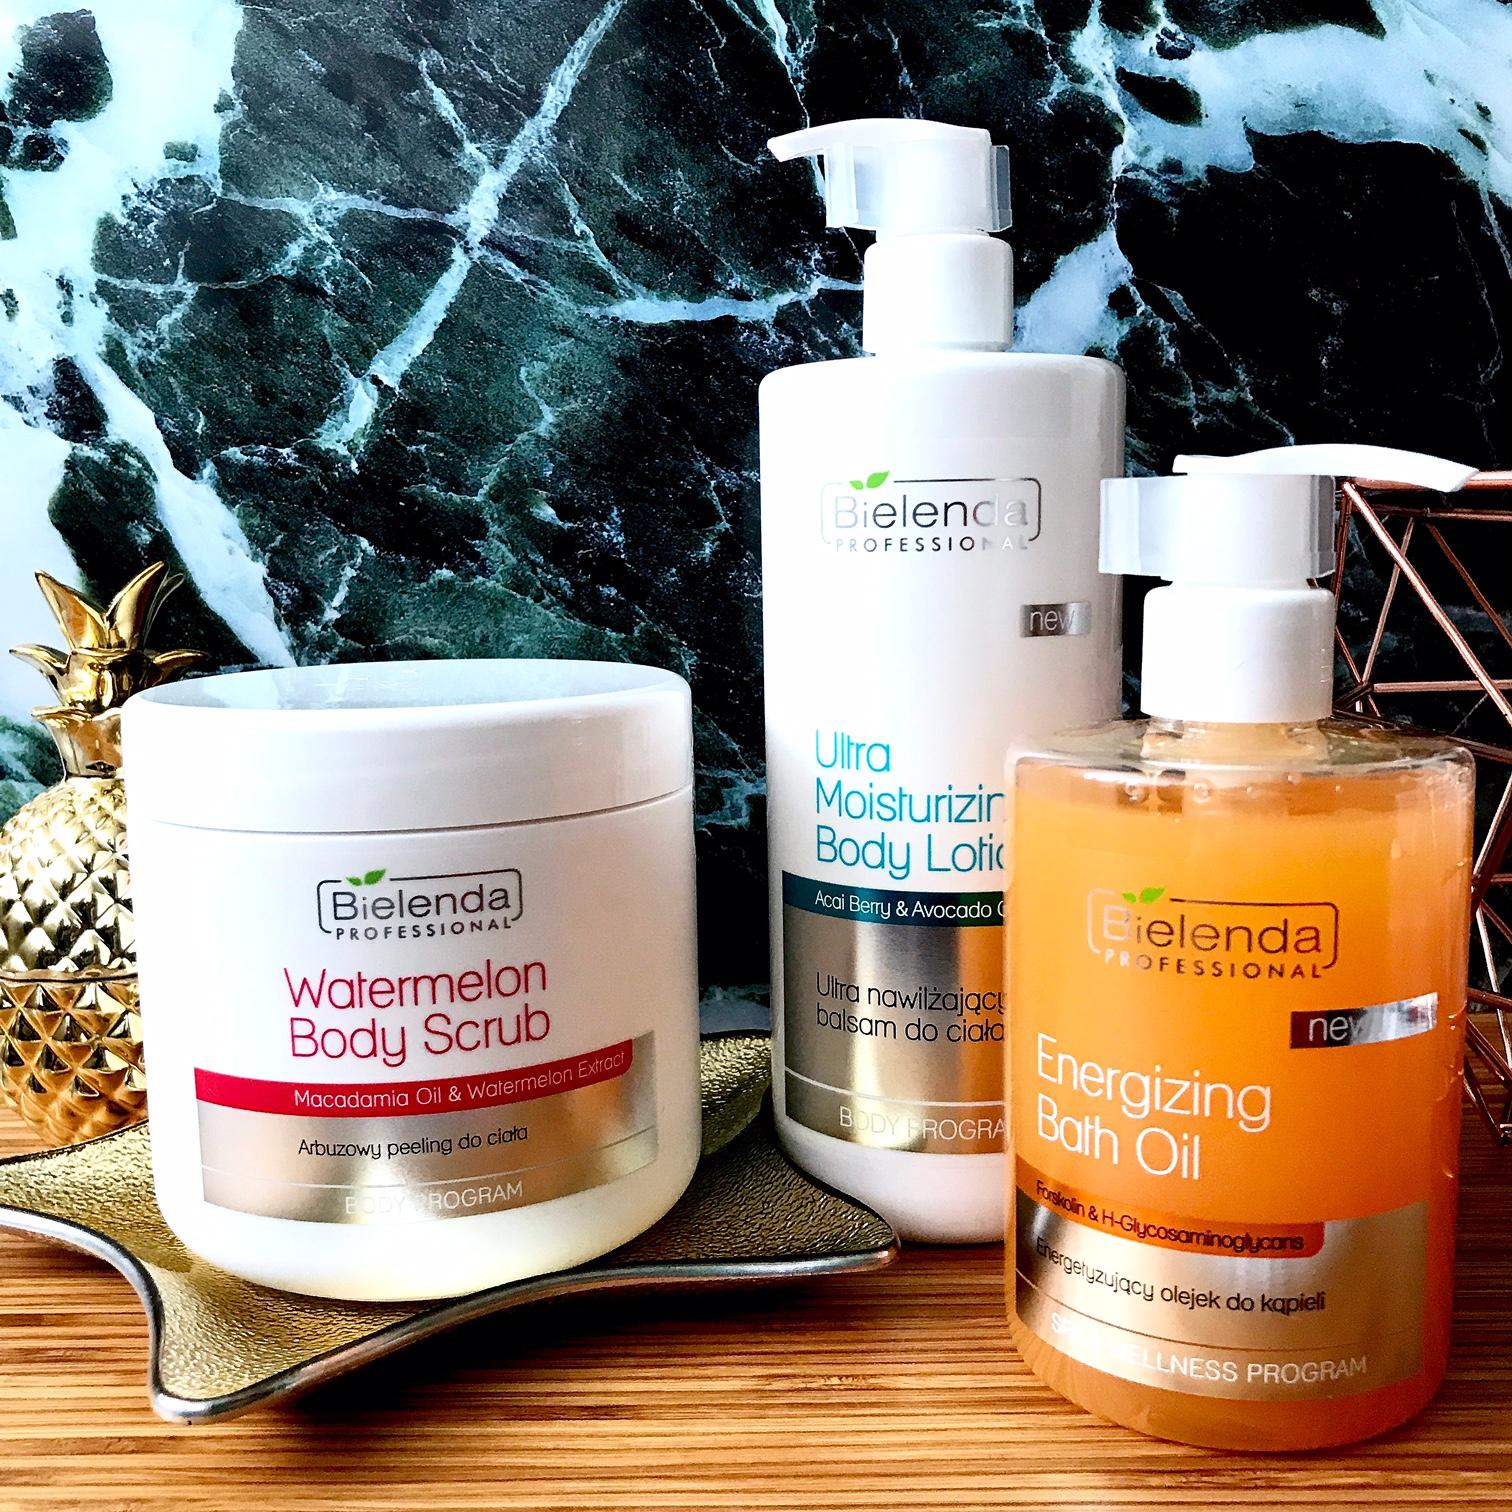 zdjęcie przedstawiające produkty do pielęgnacji ciała Bielenda Professional